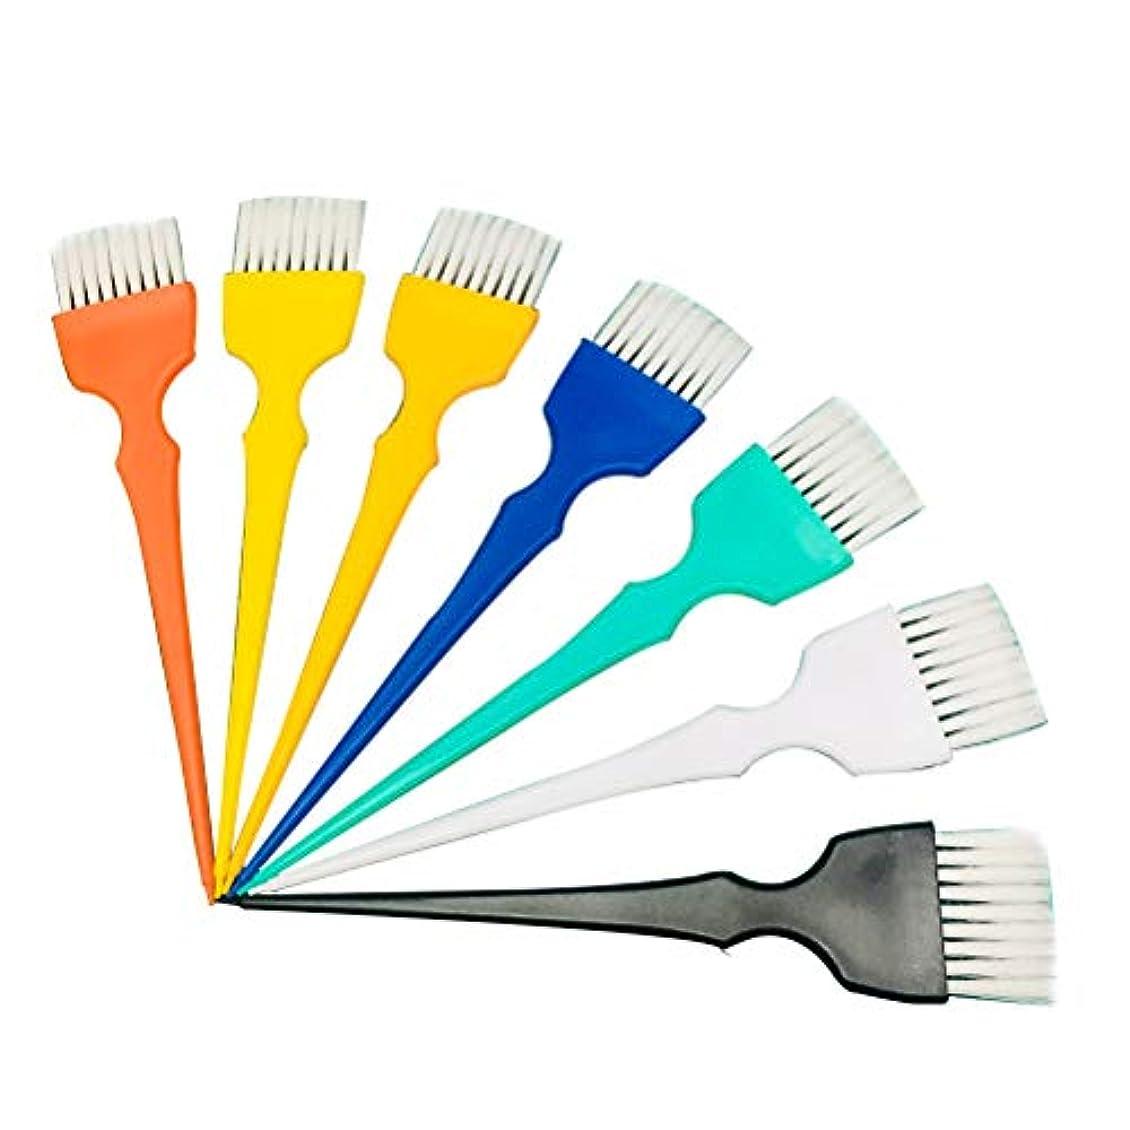 重々しいつづりあなたのものFrcolor ヘアダイブラシ ヘアカラーブラシ ヘアダイコーム 白髪染め 家庭用 美容師プロ用 プラスチック製 7本セット(ランダムカラー)